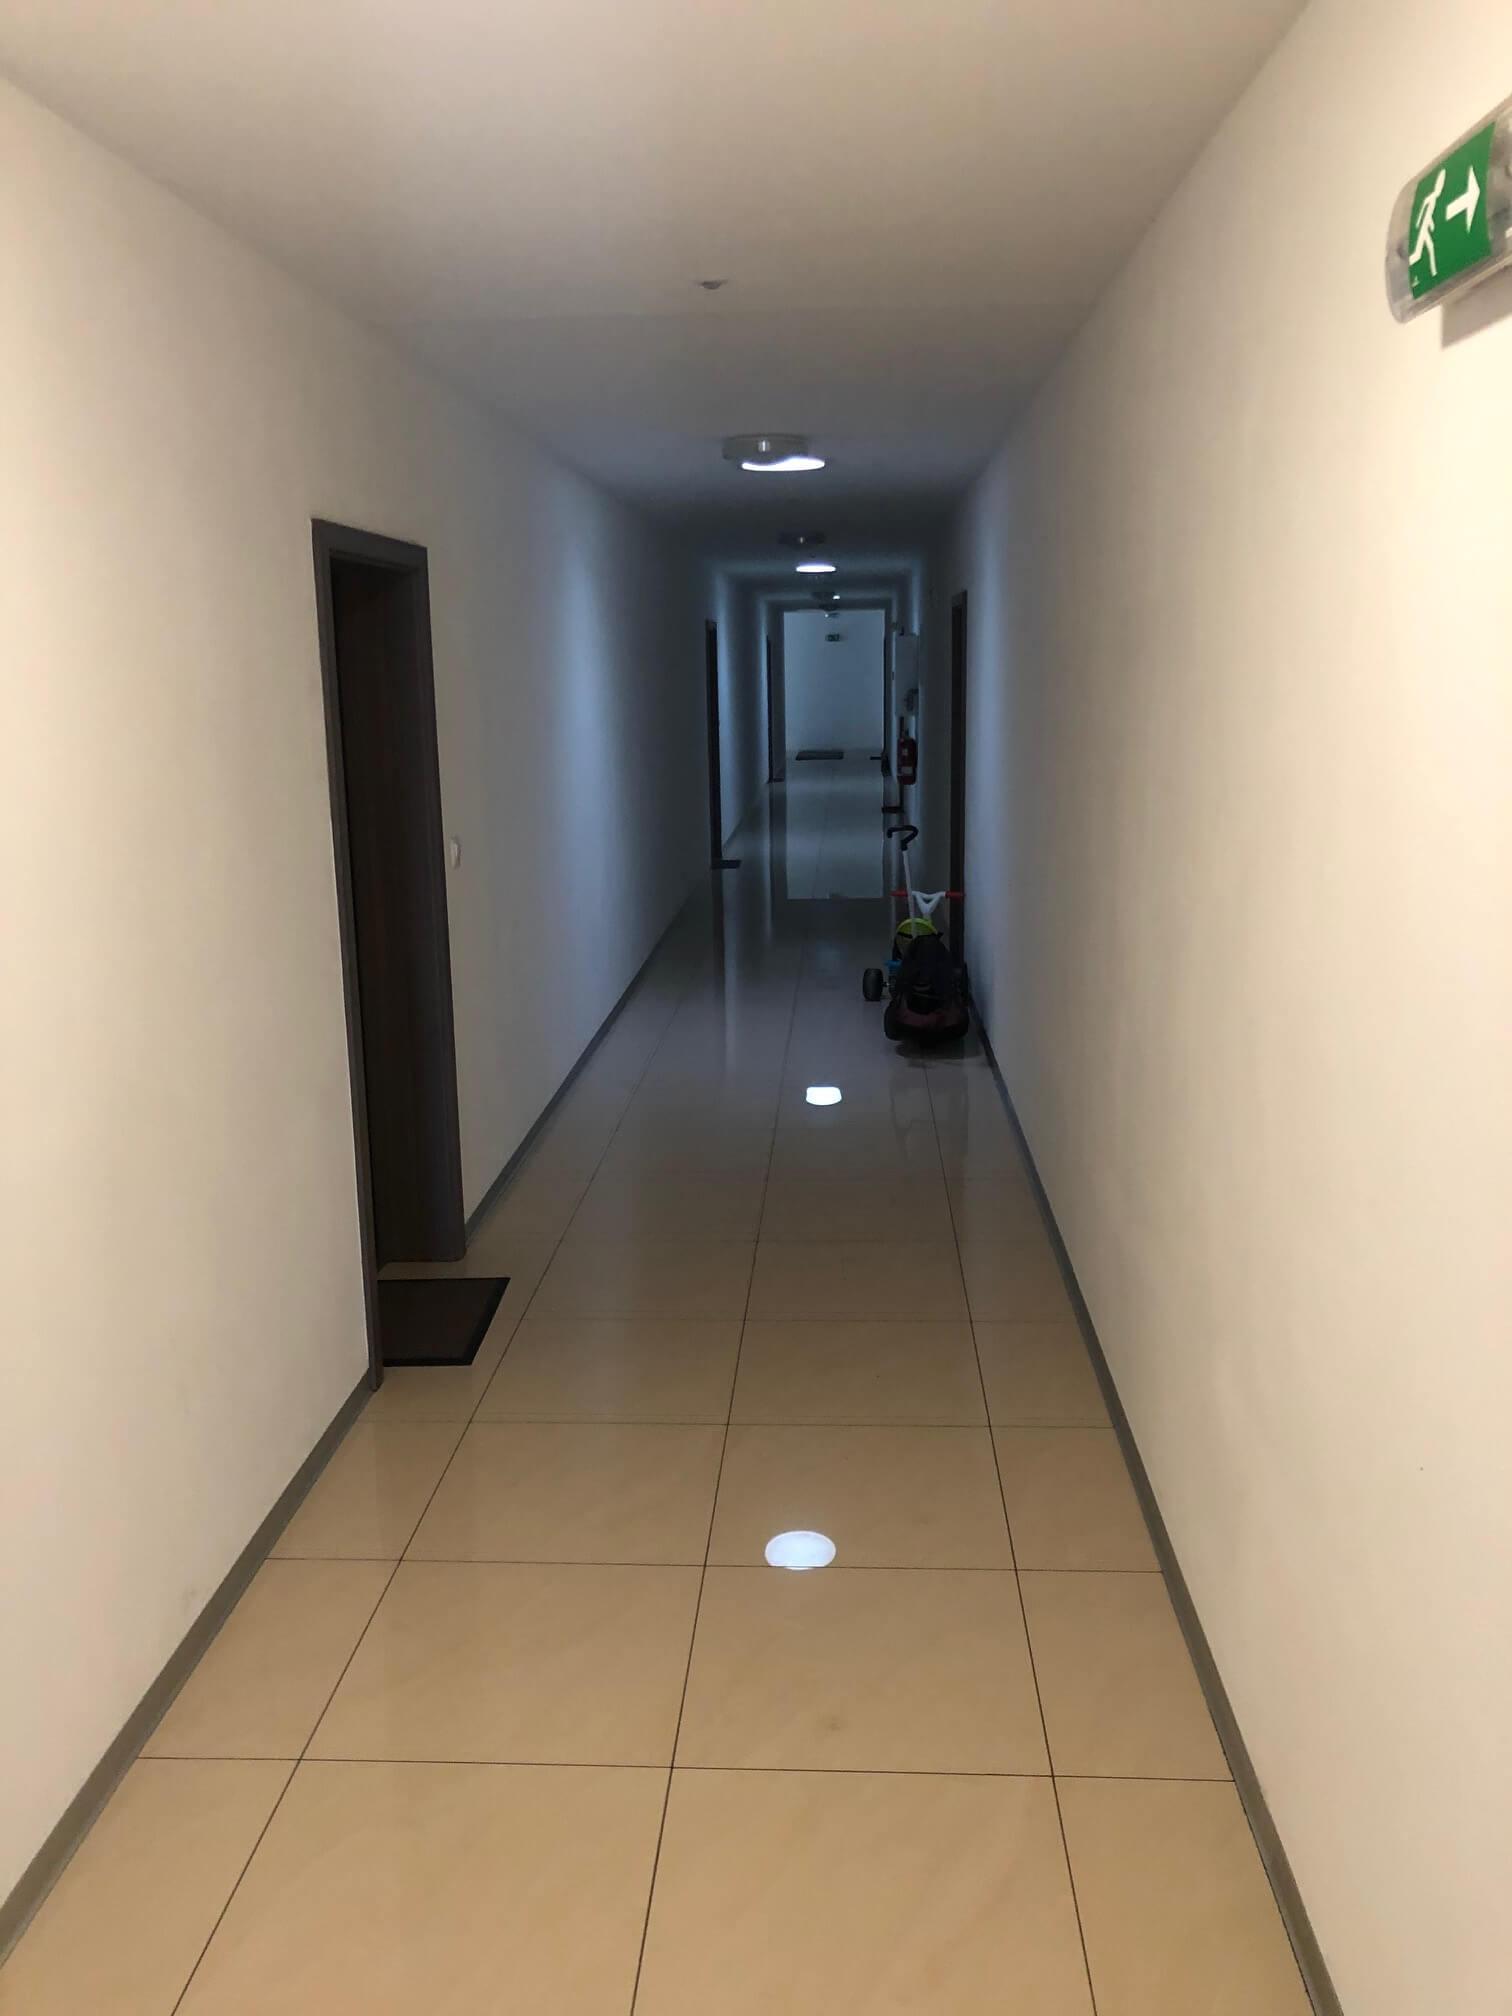 Prenajaté: Prenájom 2 izb. byt, Luxusne zariadeny, v tichej lokalite, Brnianska 4, nad Farbičkou, Malacky,-17